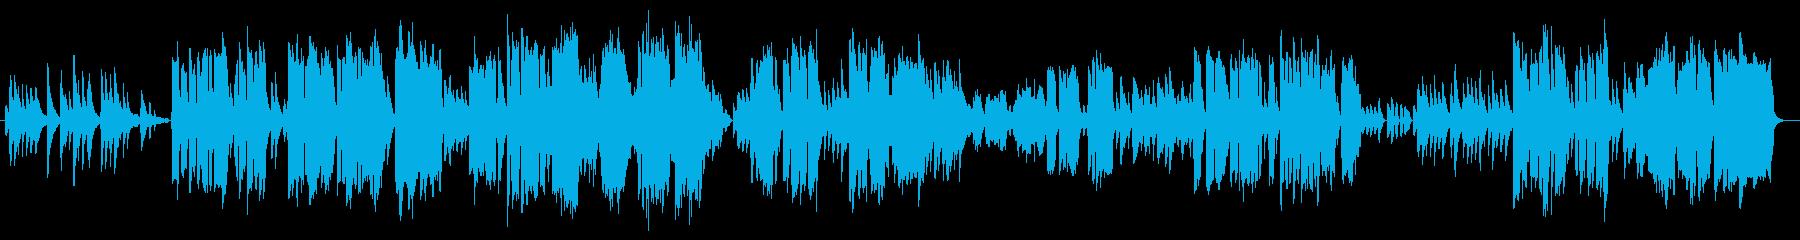 ささやかな大切な物がテーマのピアノ曲の再生済みの波形